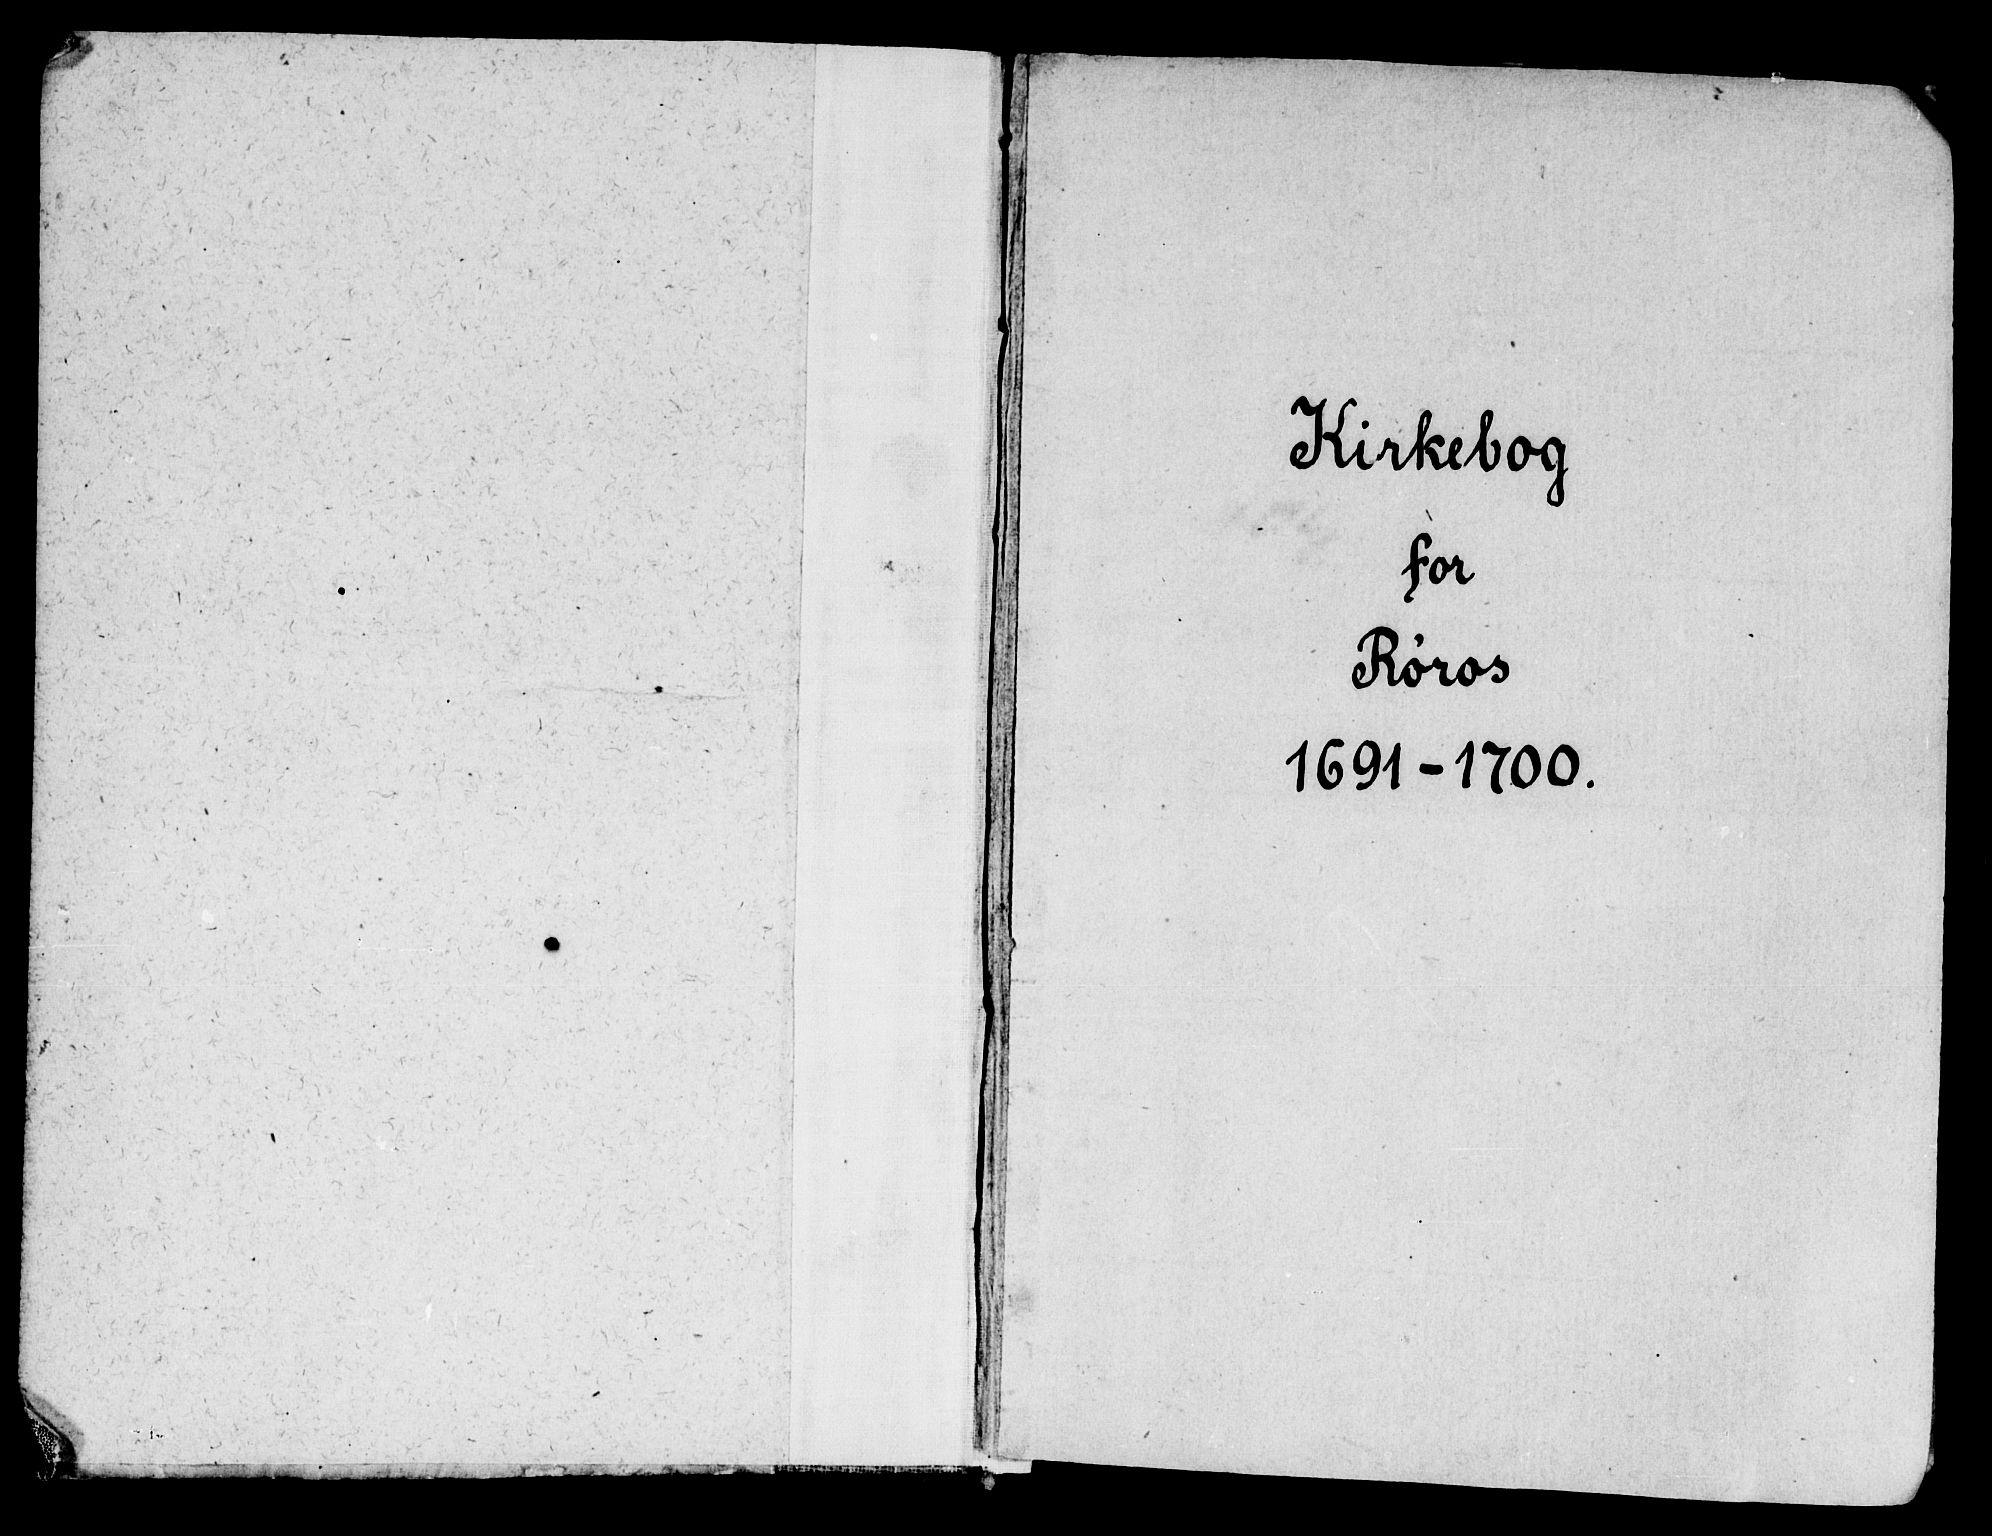 SAT, Ministerialprotokoller, klokkerbøker og fødselsregistre - Sør-Trøndelag, 681/L0923: Ministerialbok nr. 681A01, 1691-1700